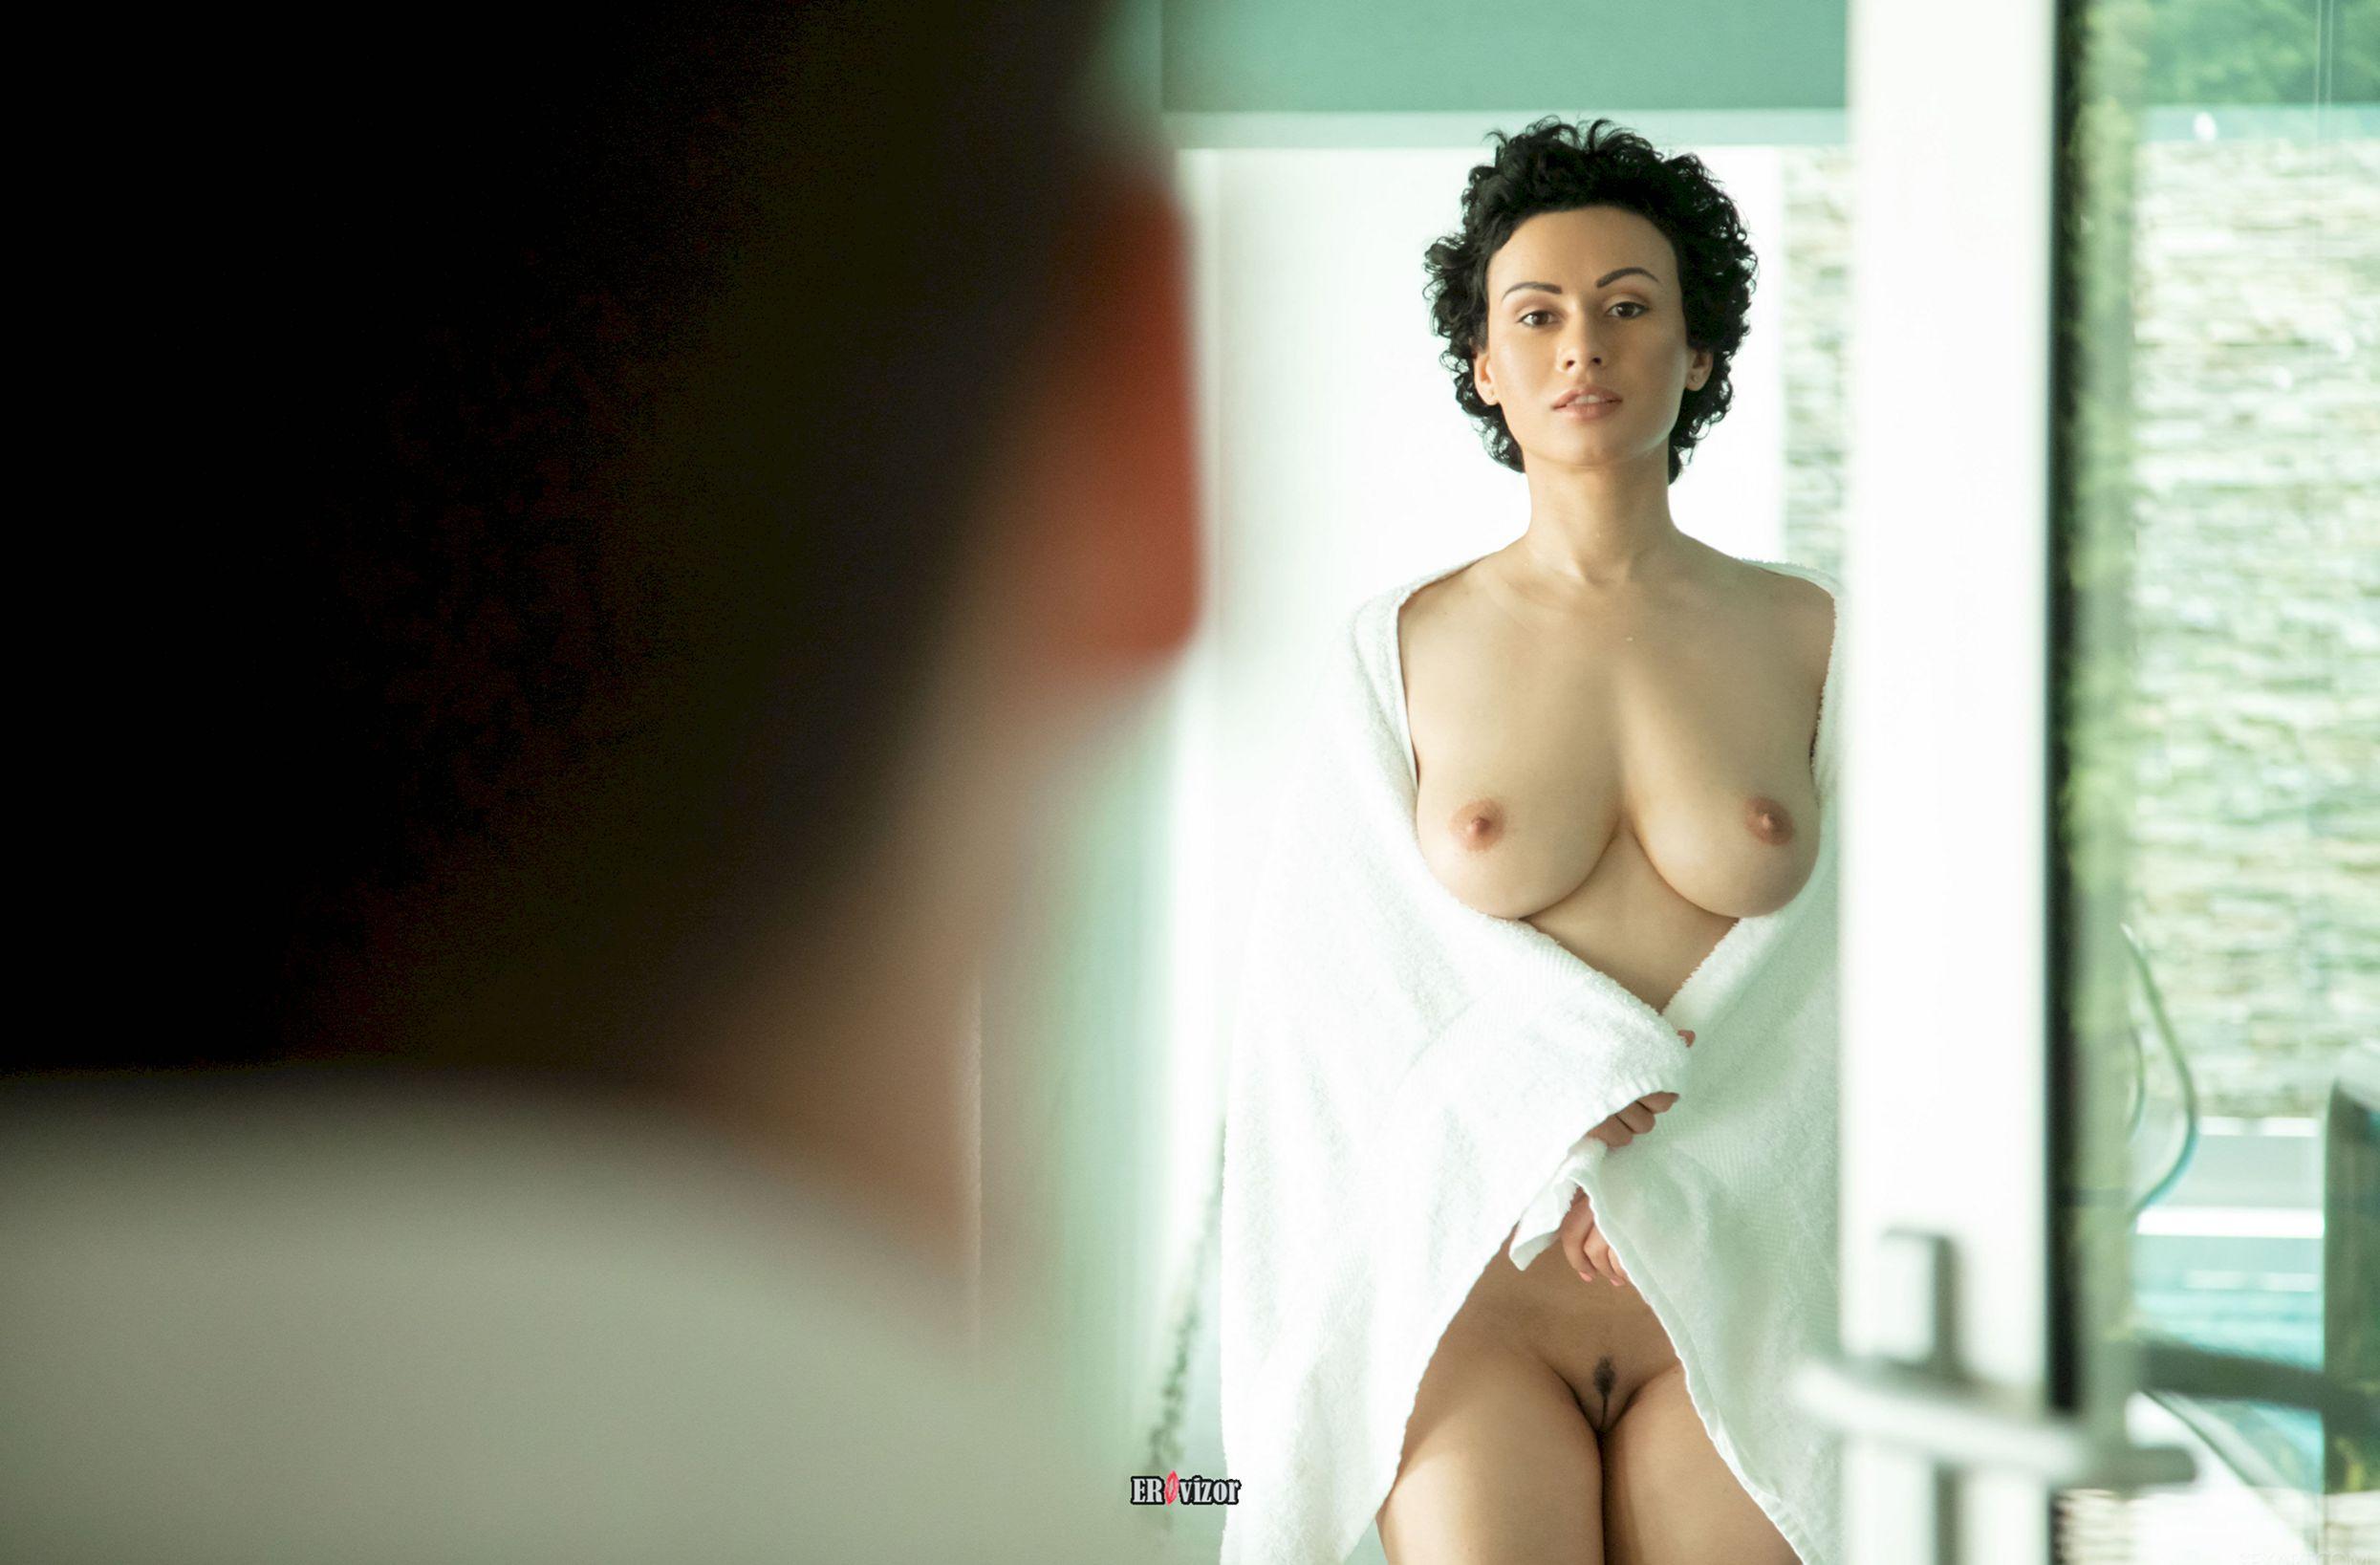 women_bassein_ero (9)